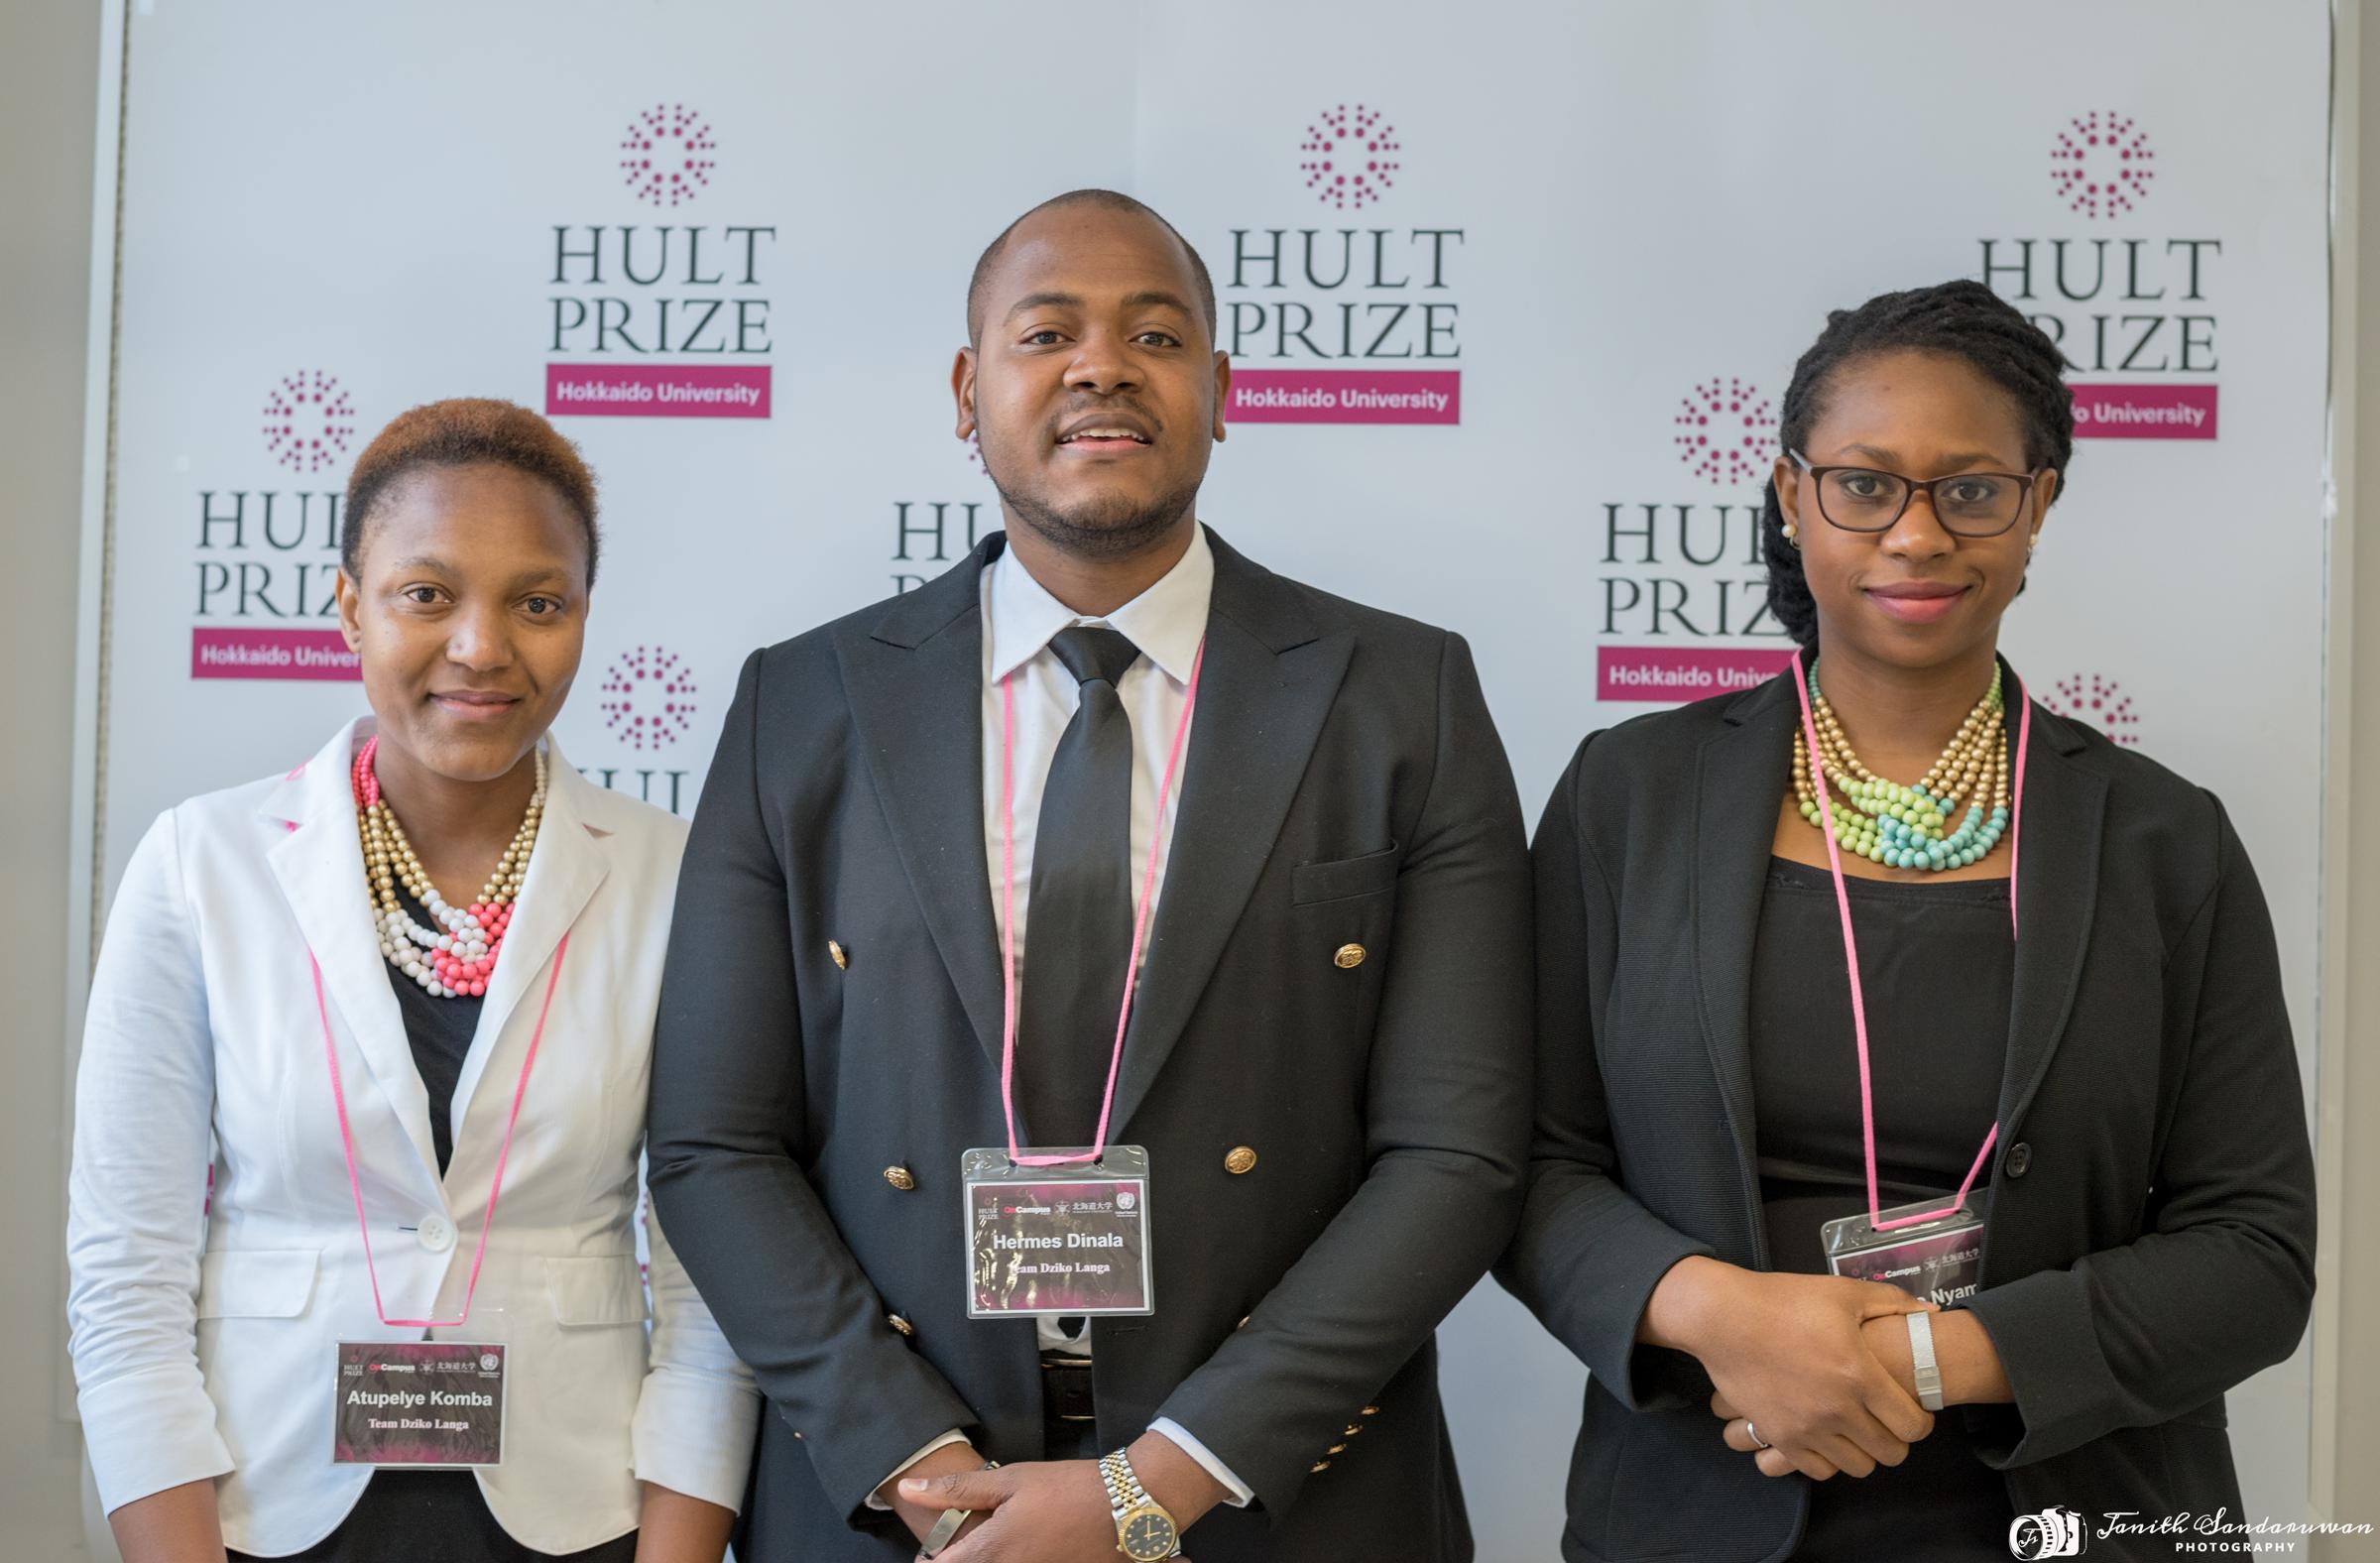 Top aspiring entrepreneurs selected at Hult Prize Campus